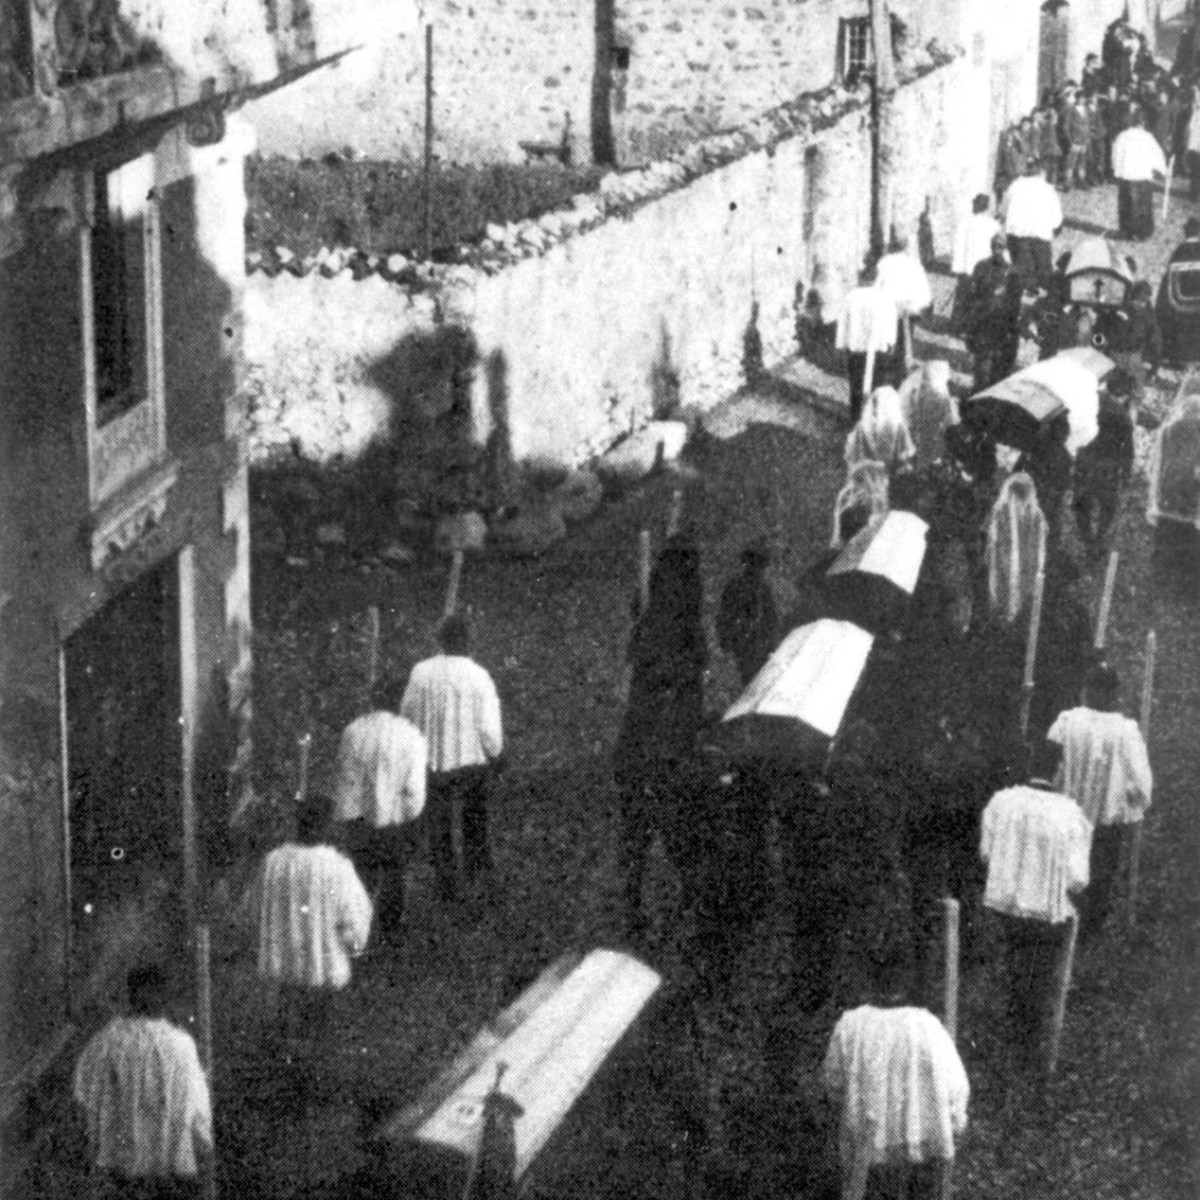 Dezzo, 4 dicembre 1923. I funerali delle vittime accompagnate dai pochi superstiti